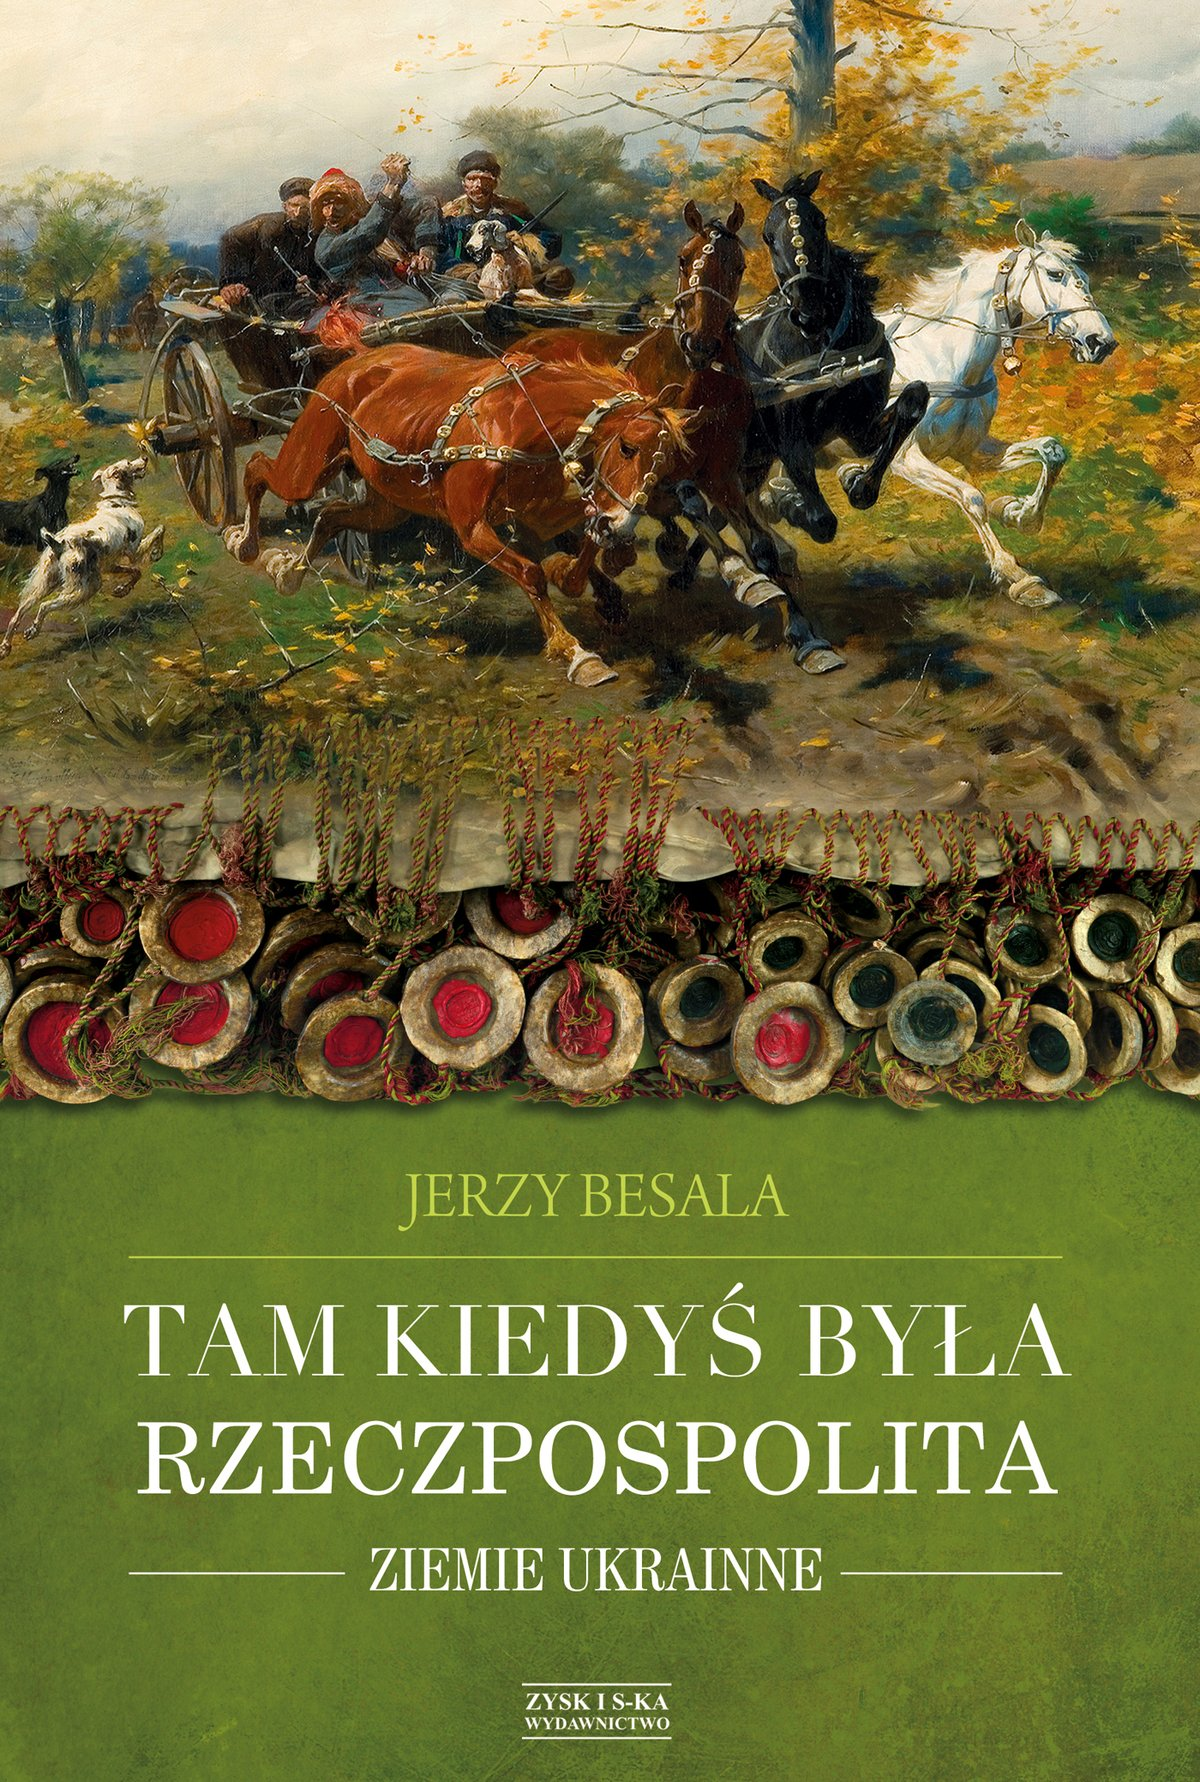 Tam kiedyś była Rzeczpospolita. Ziemie ukrainne - Ebook (Książka EPUB) do pobrania w formacie EPUB